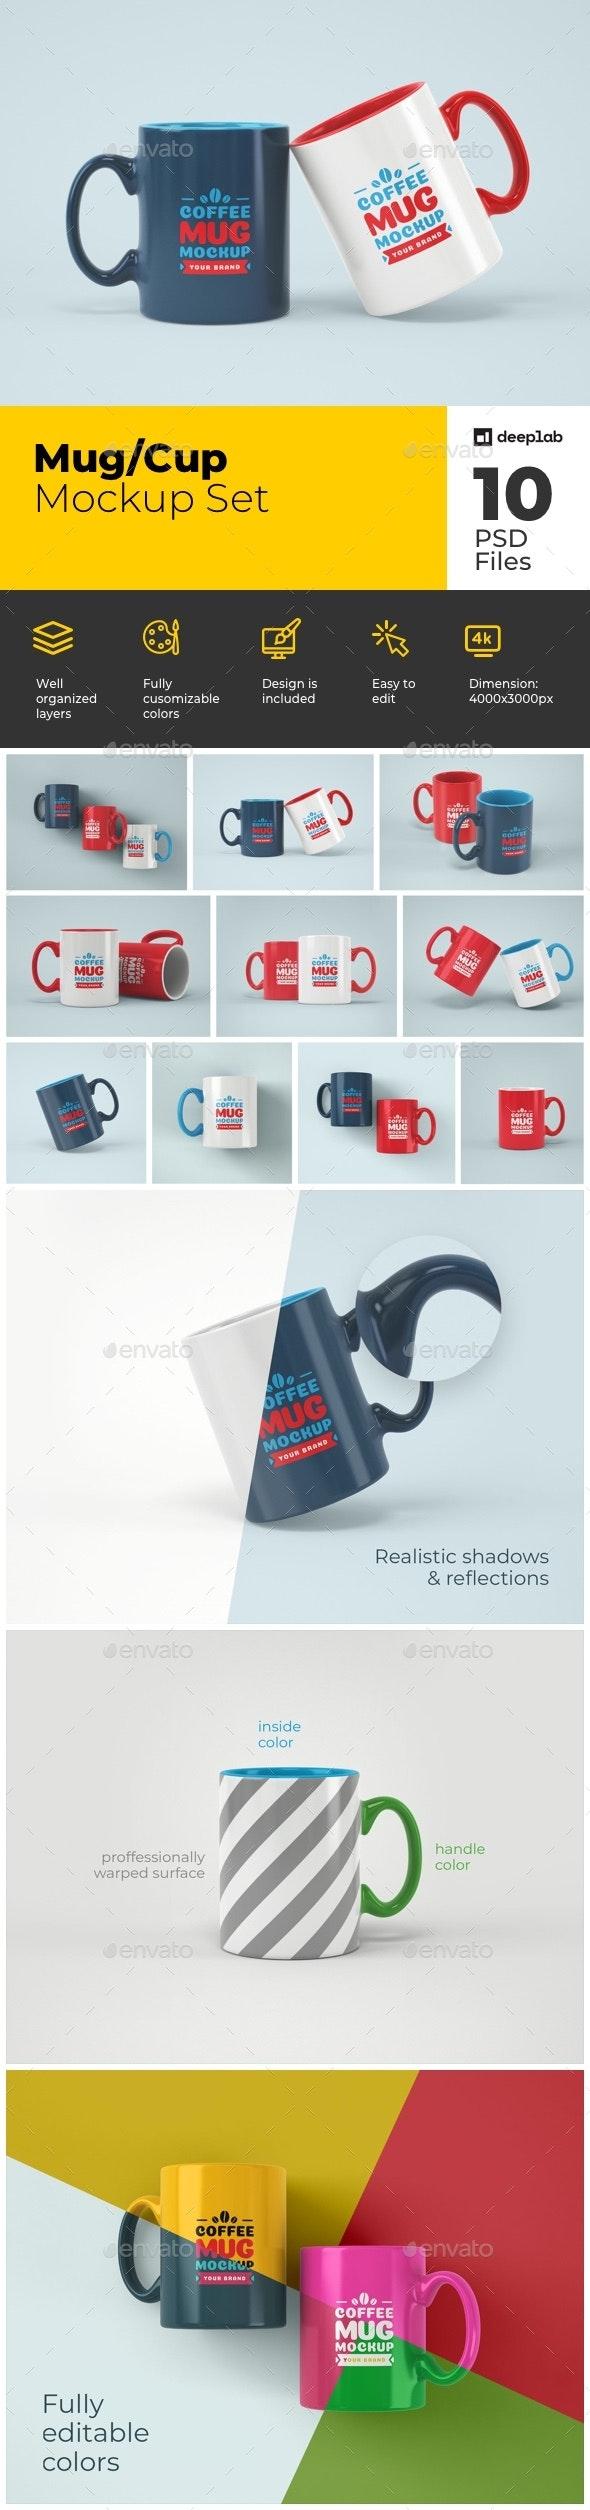 Mug Mockup Set - Product Mock-Ups Graphics